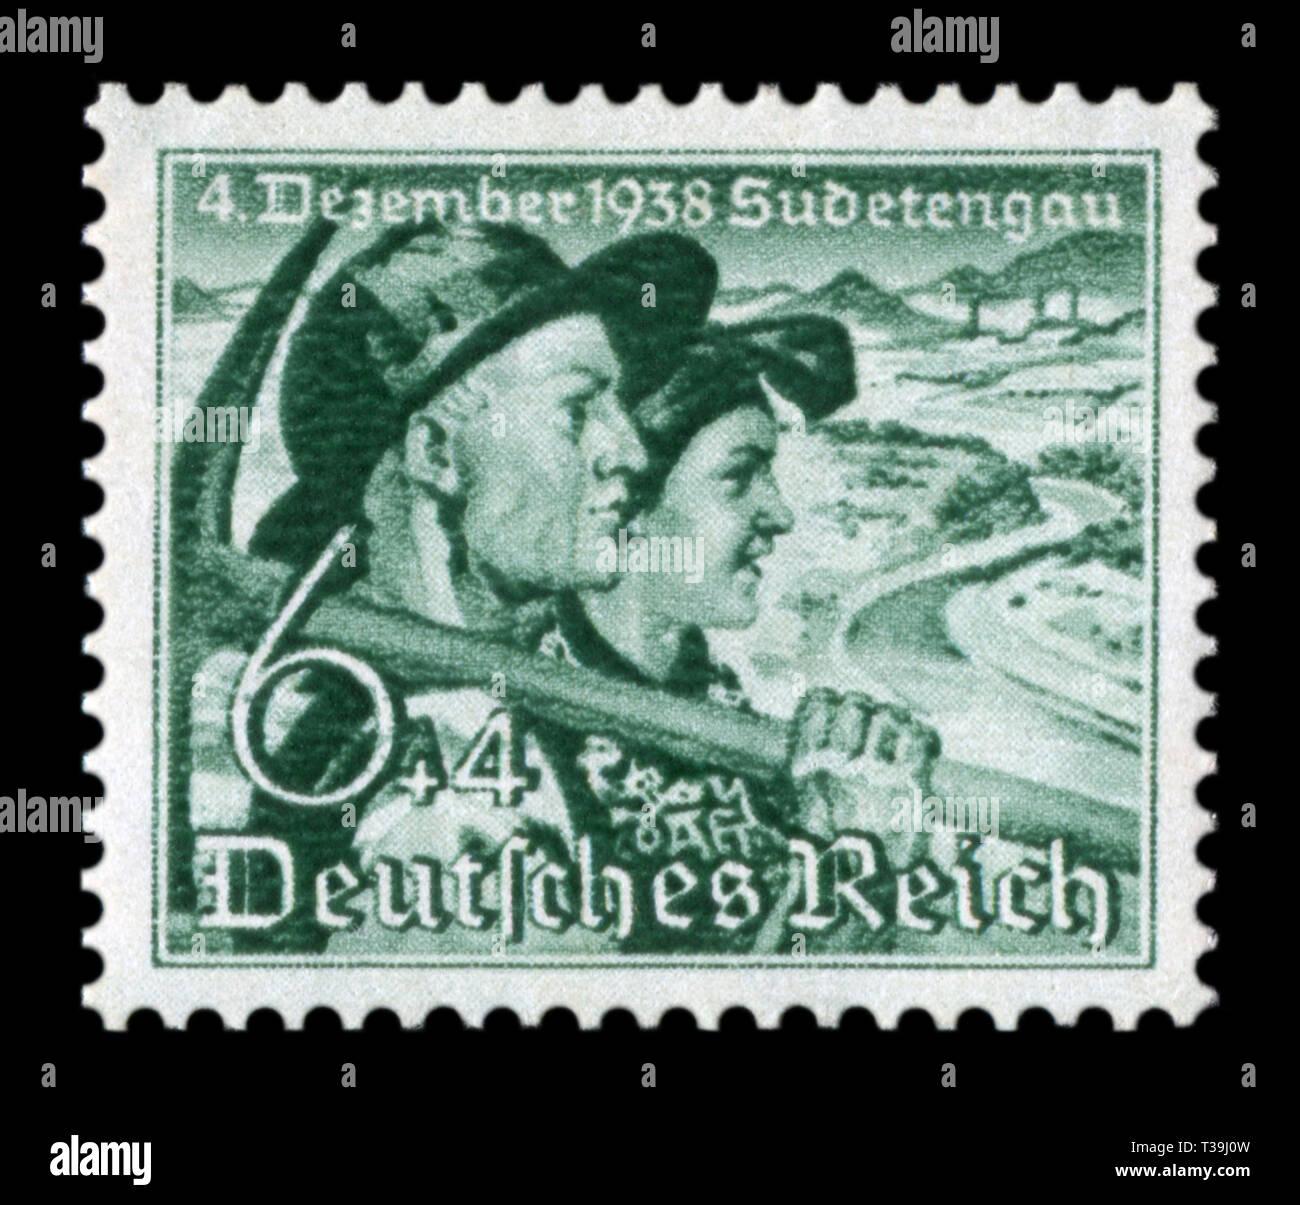 Historique allemand stamp: Référendum sur l'adhésion de la région des Sudètes. Couple. Avec un mineur et une femme paysan, 12+8 pf, numéro 1938, Allemagne Banque D'Images